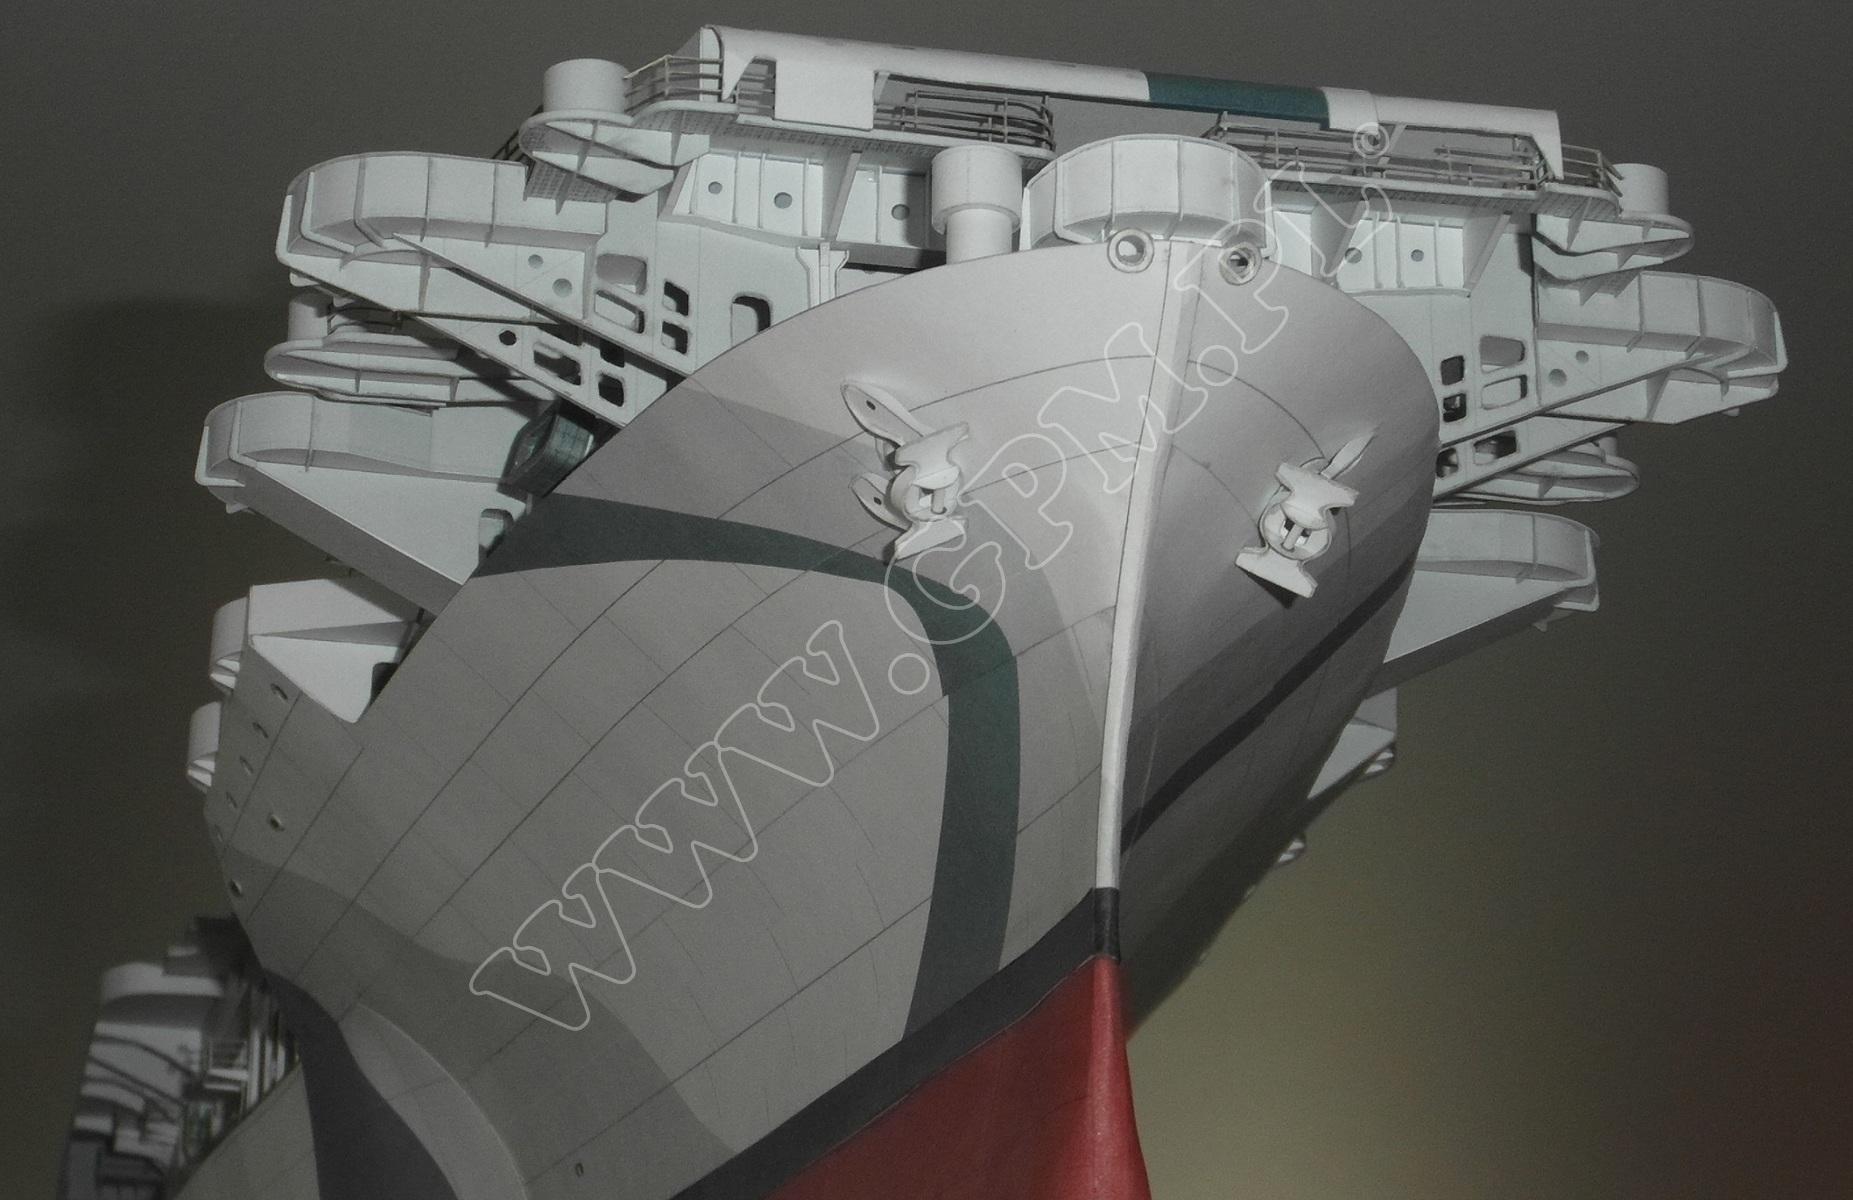 uss enterprise cv 200   gpm 544  du u017cy komplet  model  wr u0119gi  uzbrojenie i detale wycinane